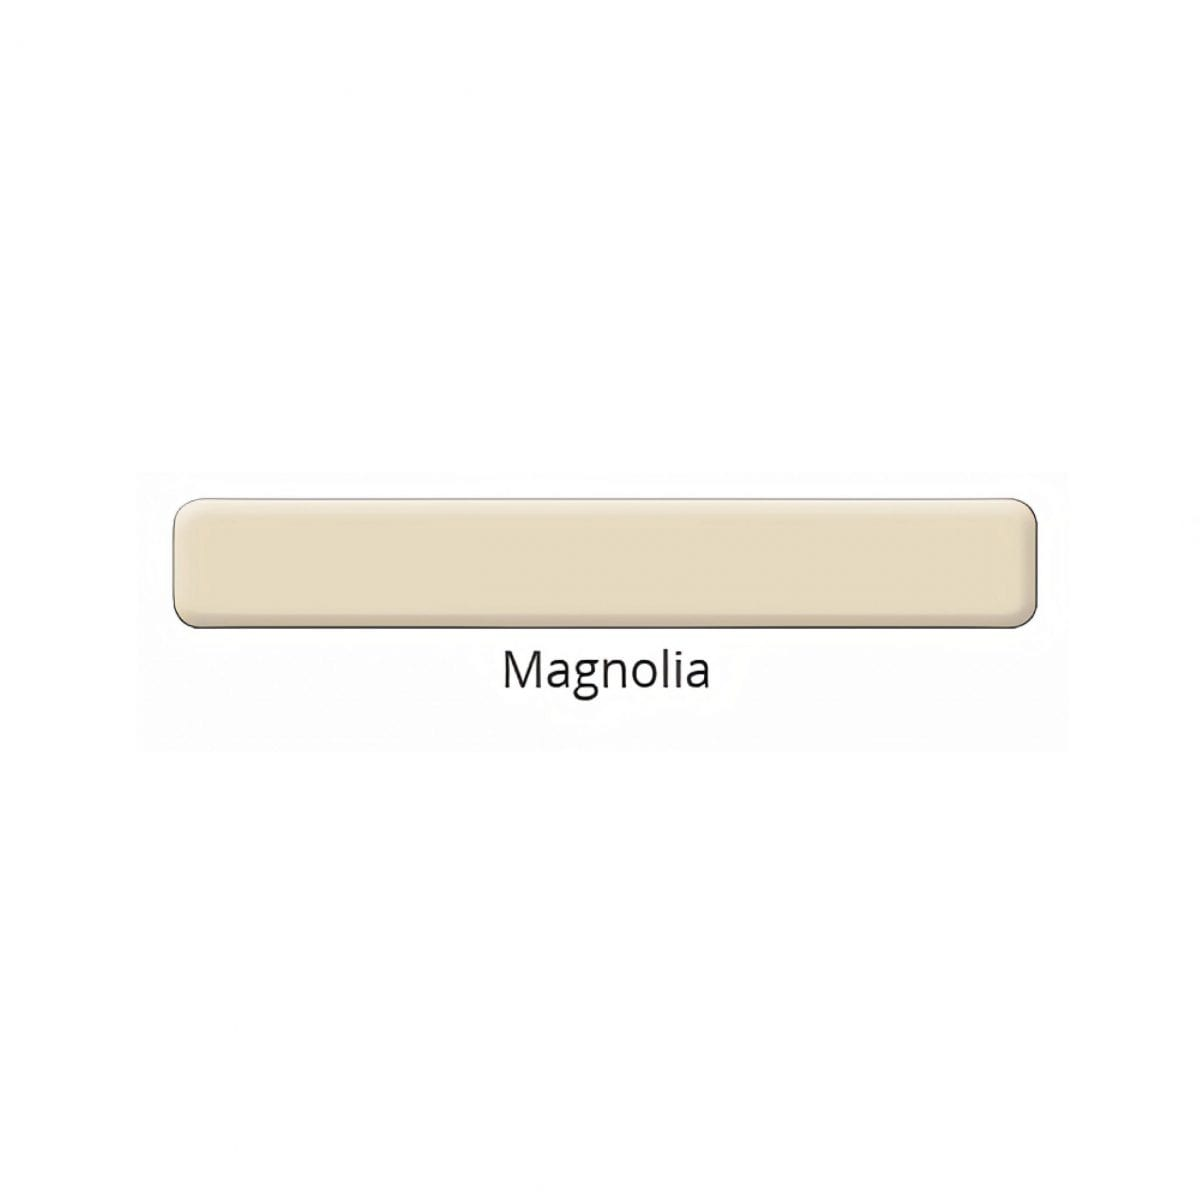 Magnolia color